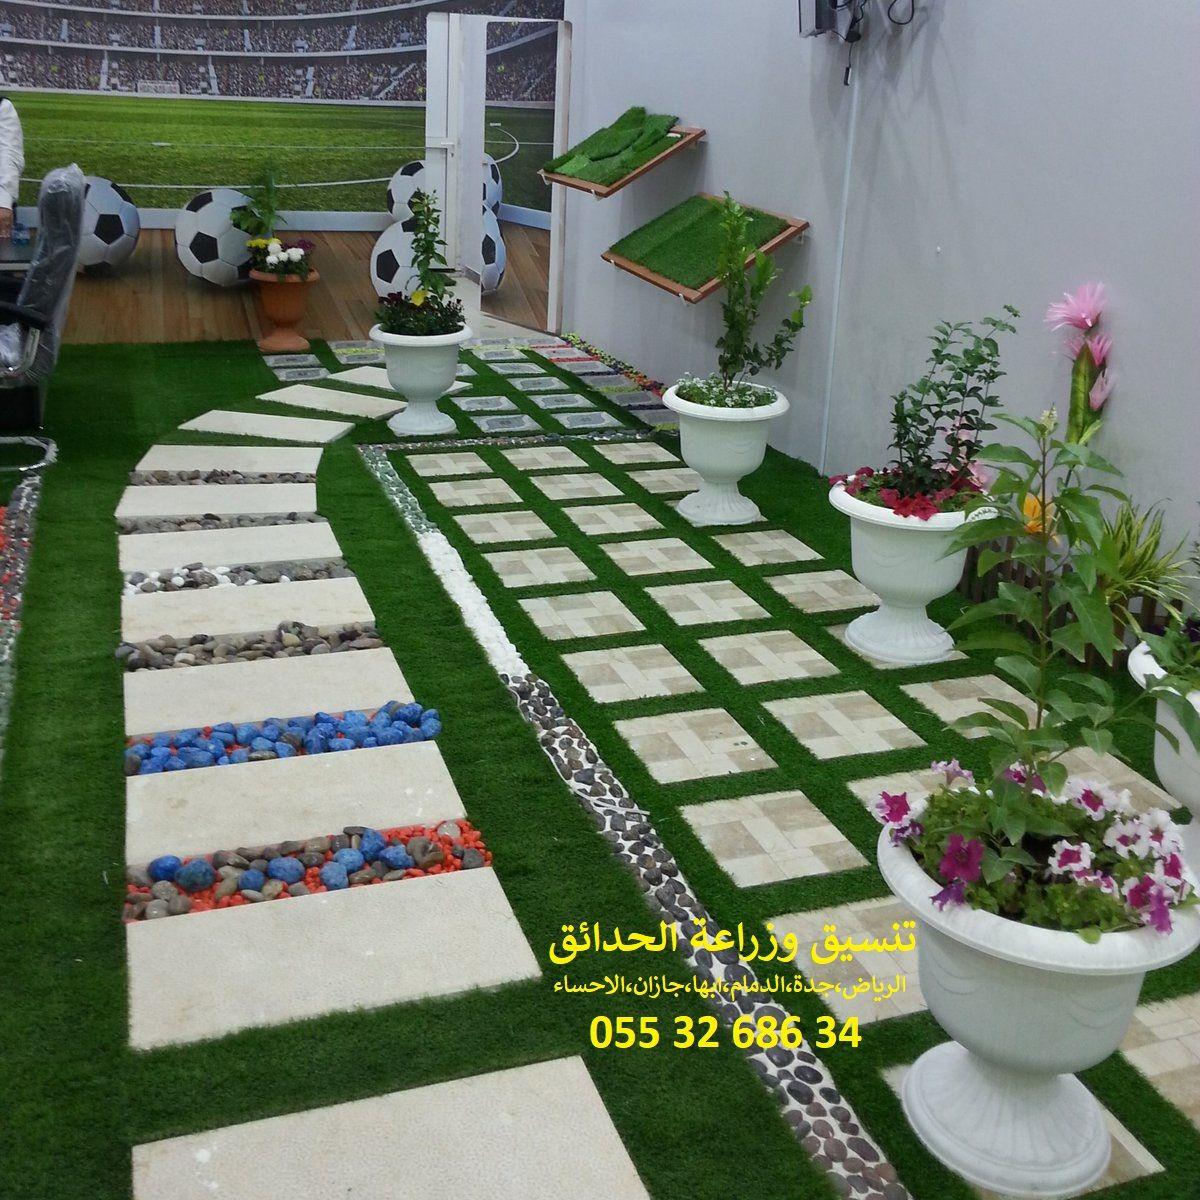 اجمل الشلالات المنزلية اجمل الصور الحدائق المنزلية اجمل النوافير المنزلية اجمل تصاميم الحدائق Kids Rugs Decor Outdoor Decor